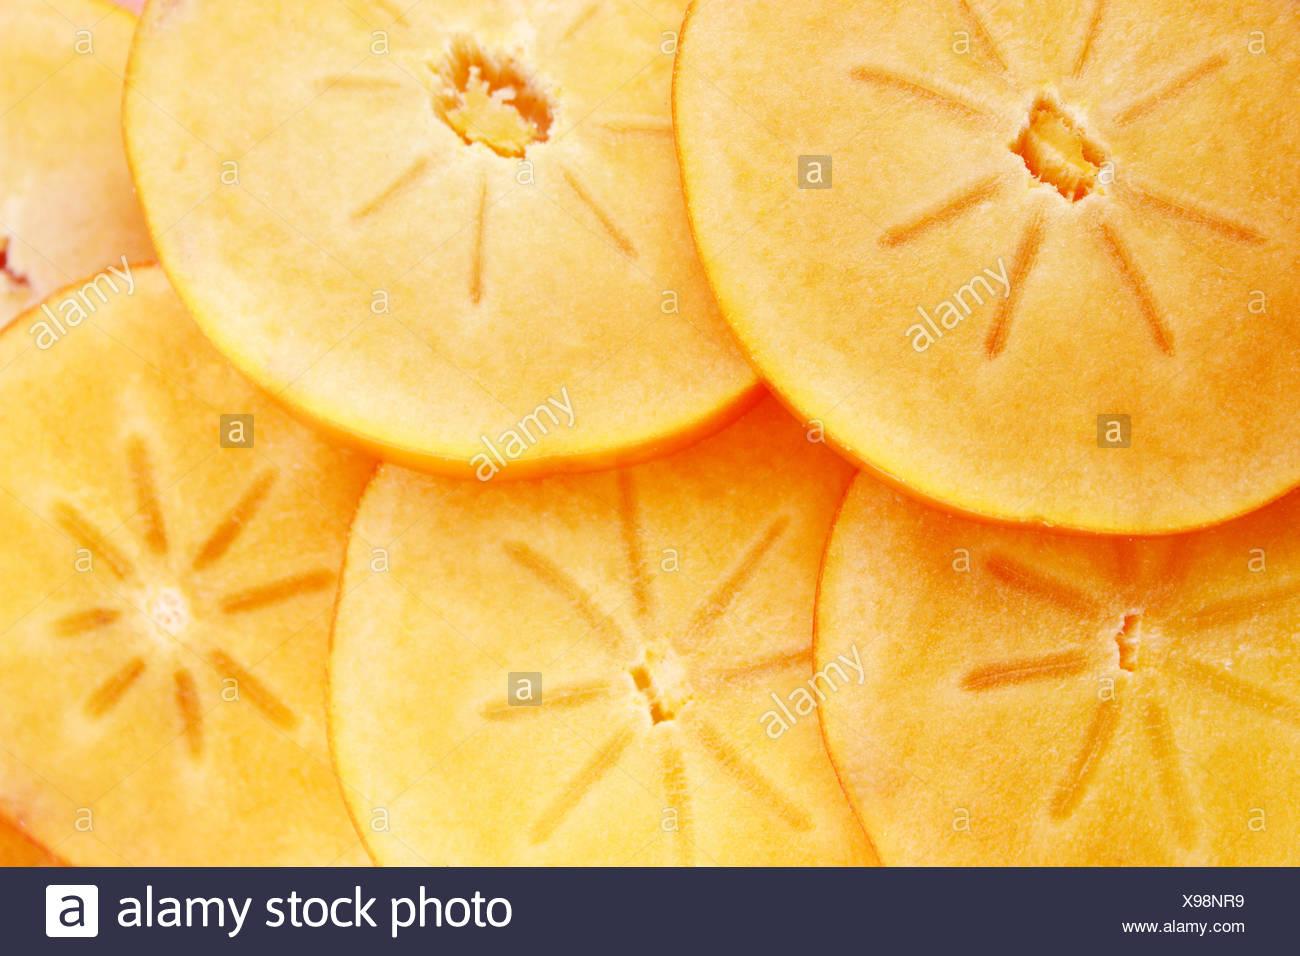 Kaki Früchte Scheiben Stockbild